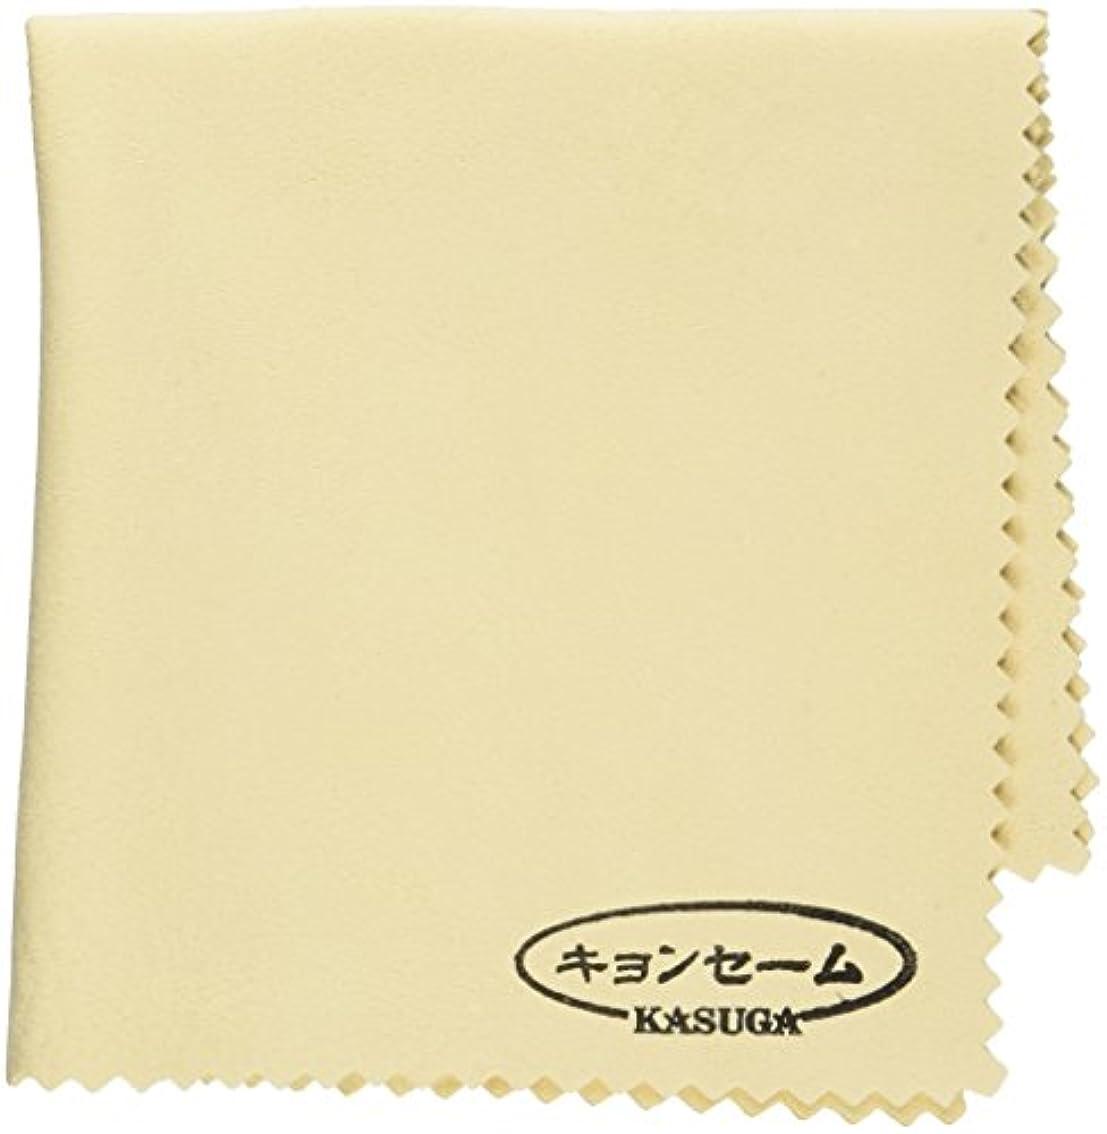 オプショナルバングエスカレート春日 スキンケア用キョンセーム 20×20cm